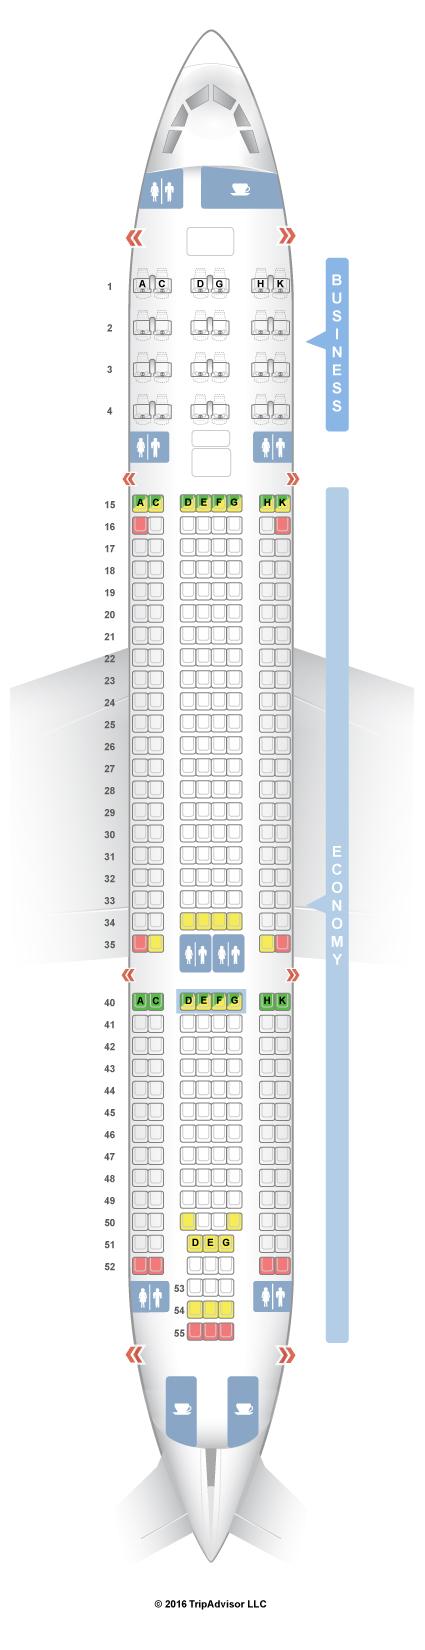 Seatguru Seat Map Air Europa Seatguru